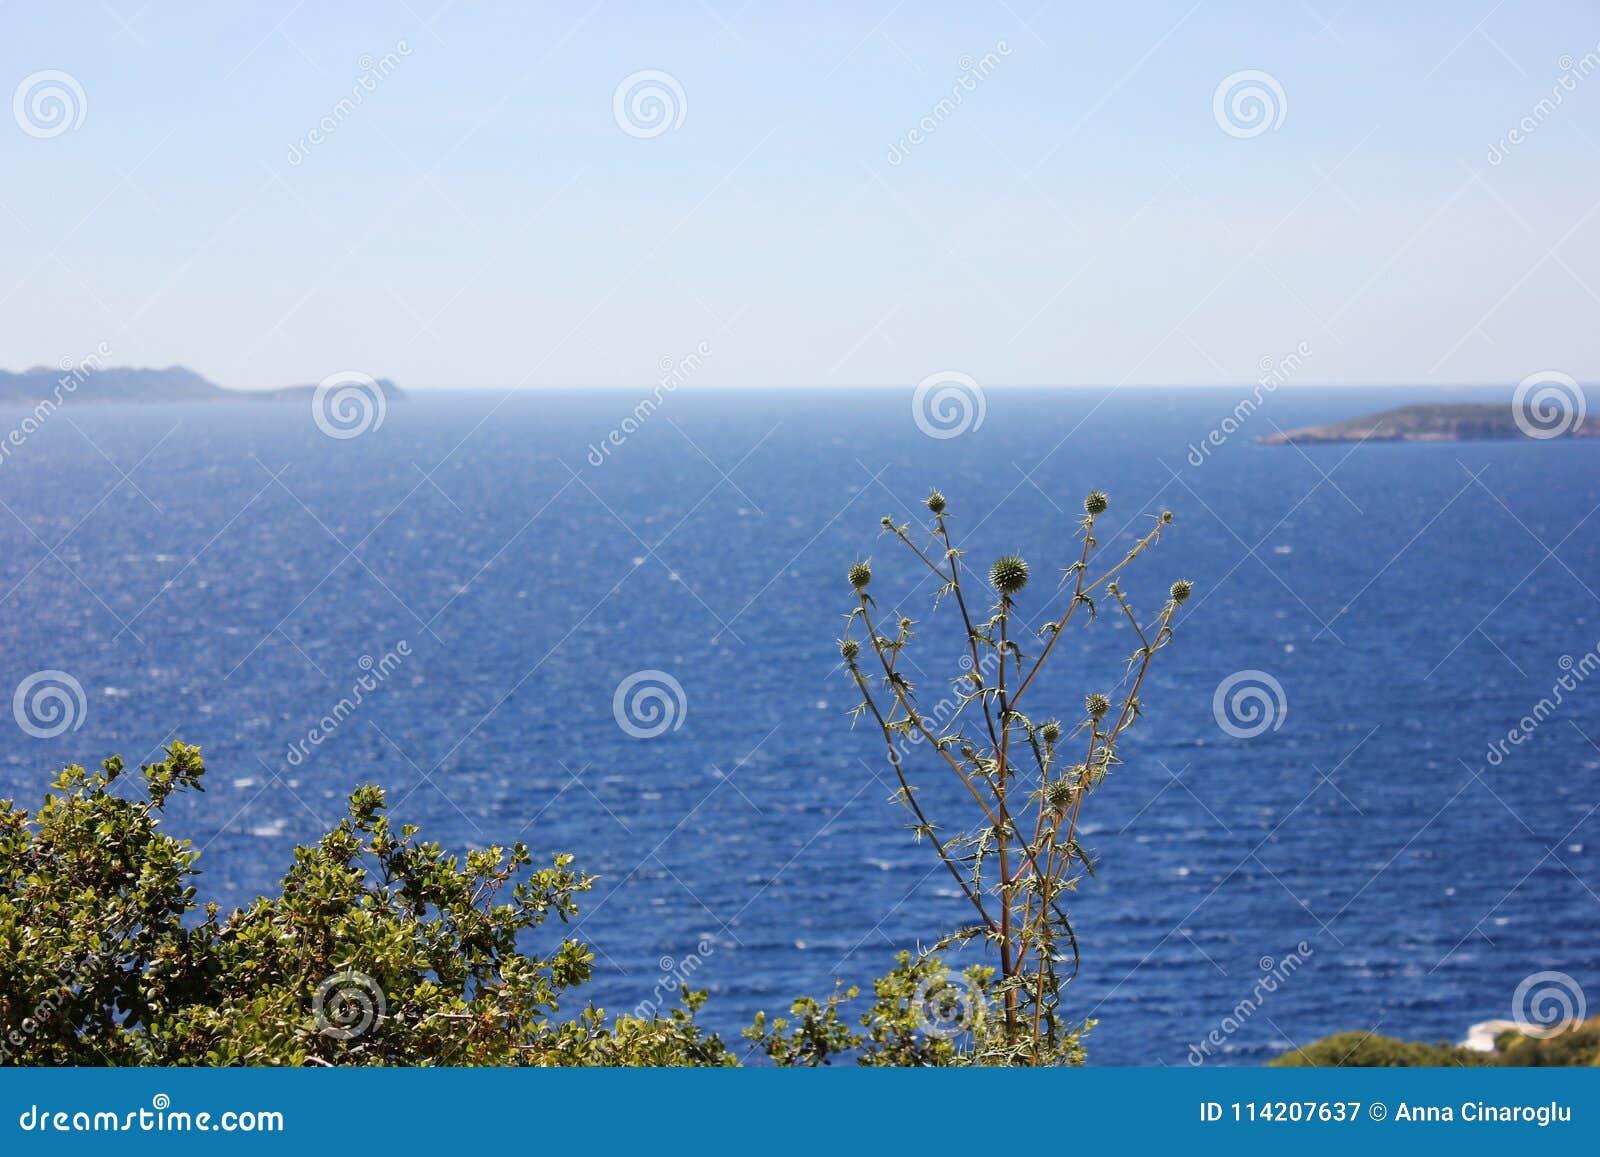 Paysage marin brouillé avec des verts et fleurs dans le premier plan